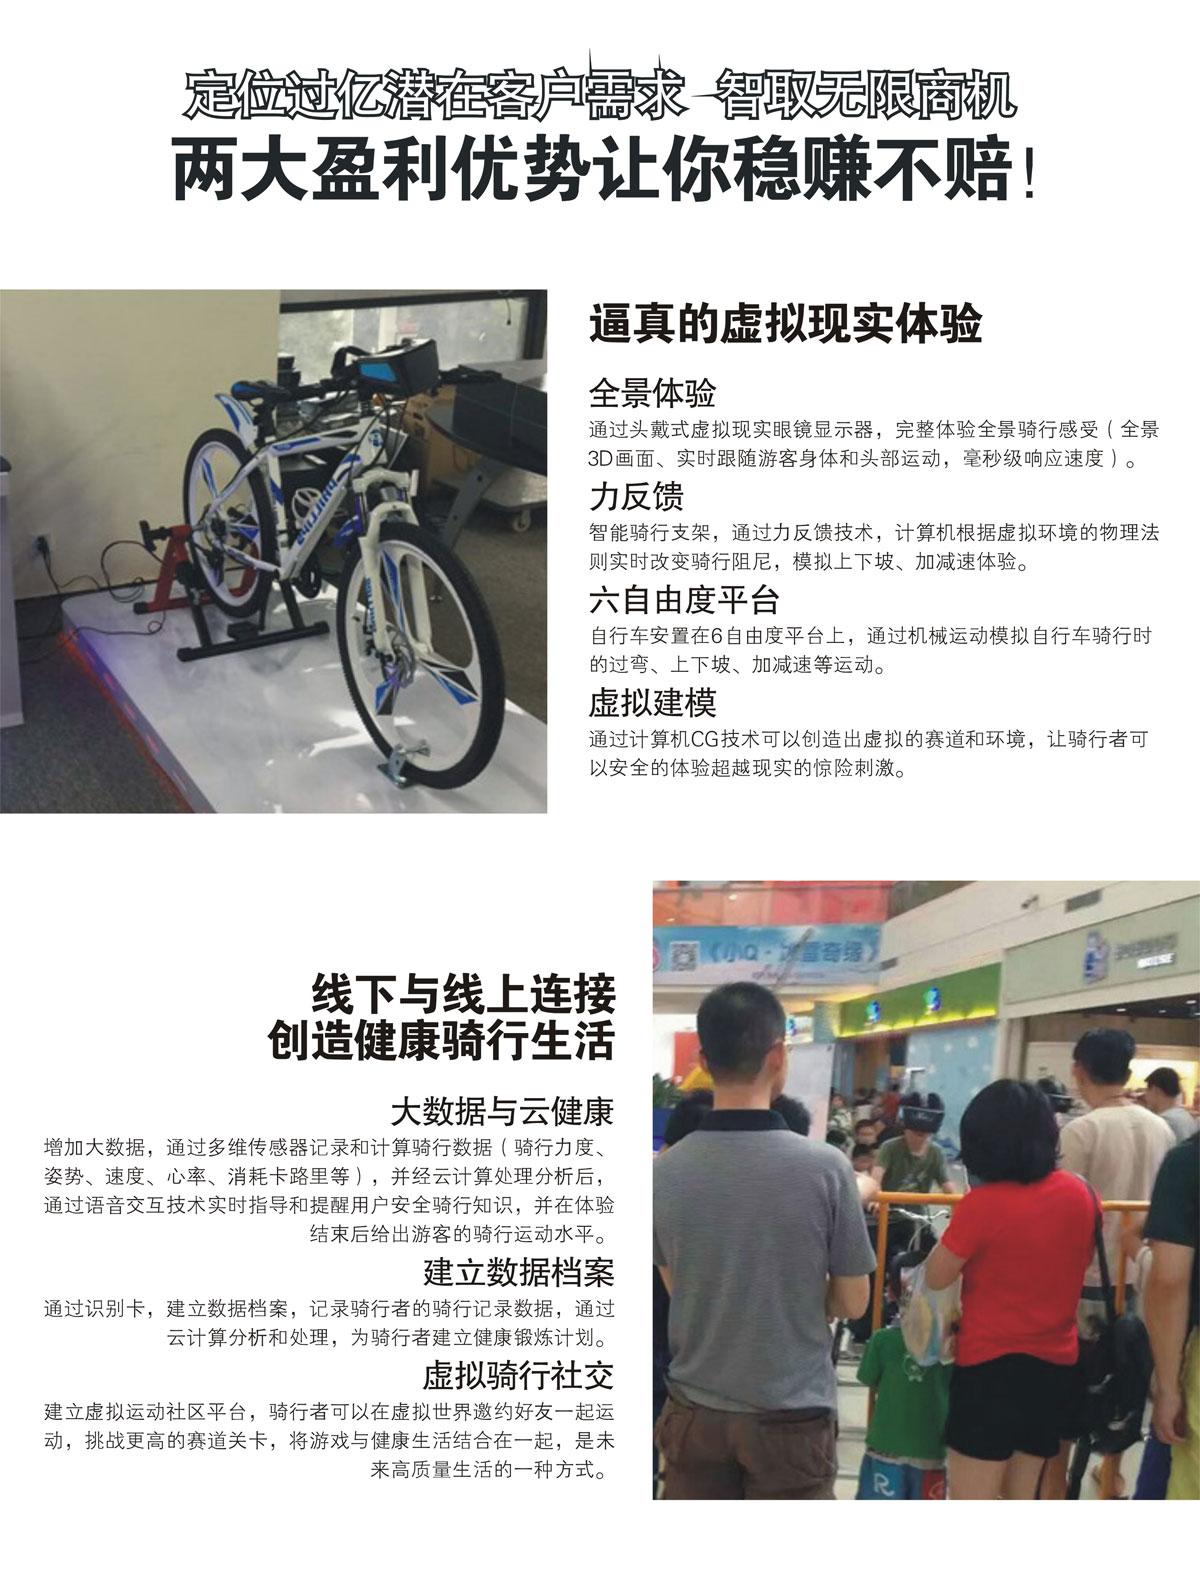 安全体验虚拟自行车逼真的虚拟现实体验.jpg